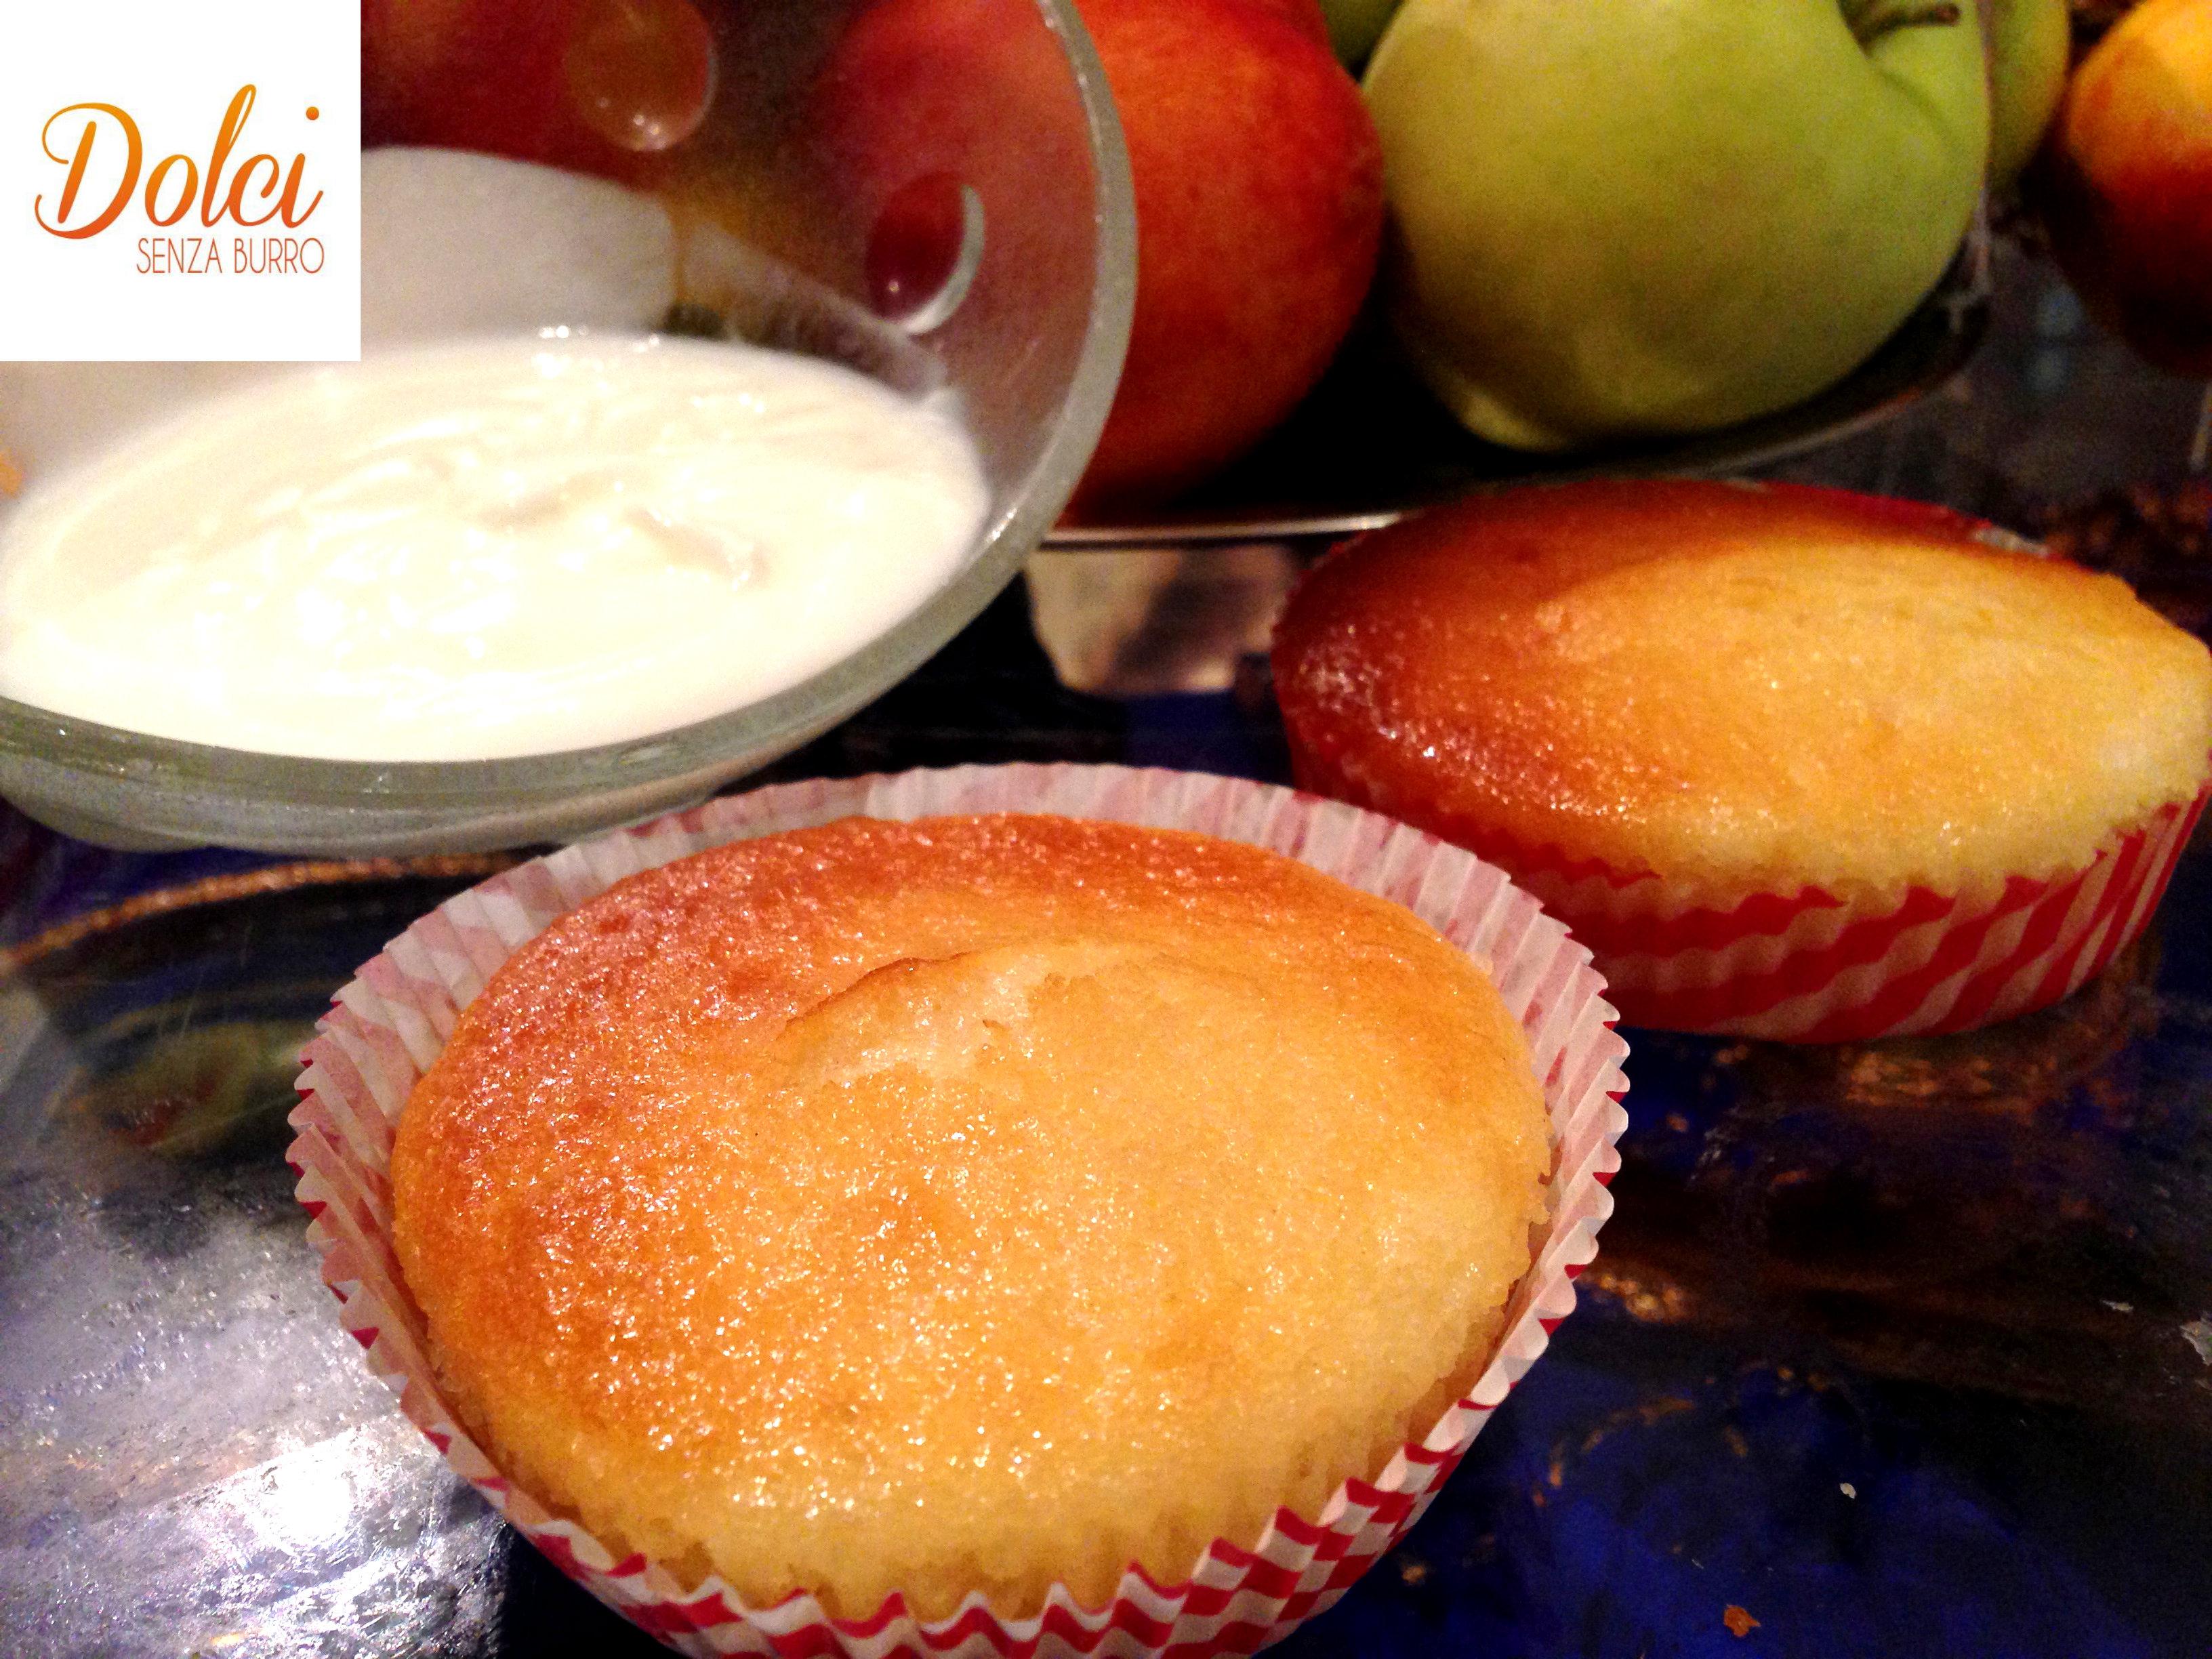 Le Tortine allo Yogurt Senza Burro sono dei Mini Cake sani genuini e leggeri di dolci senza burro